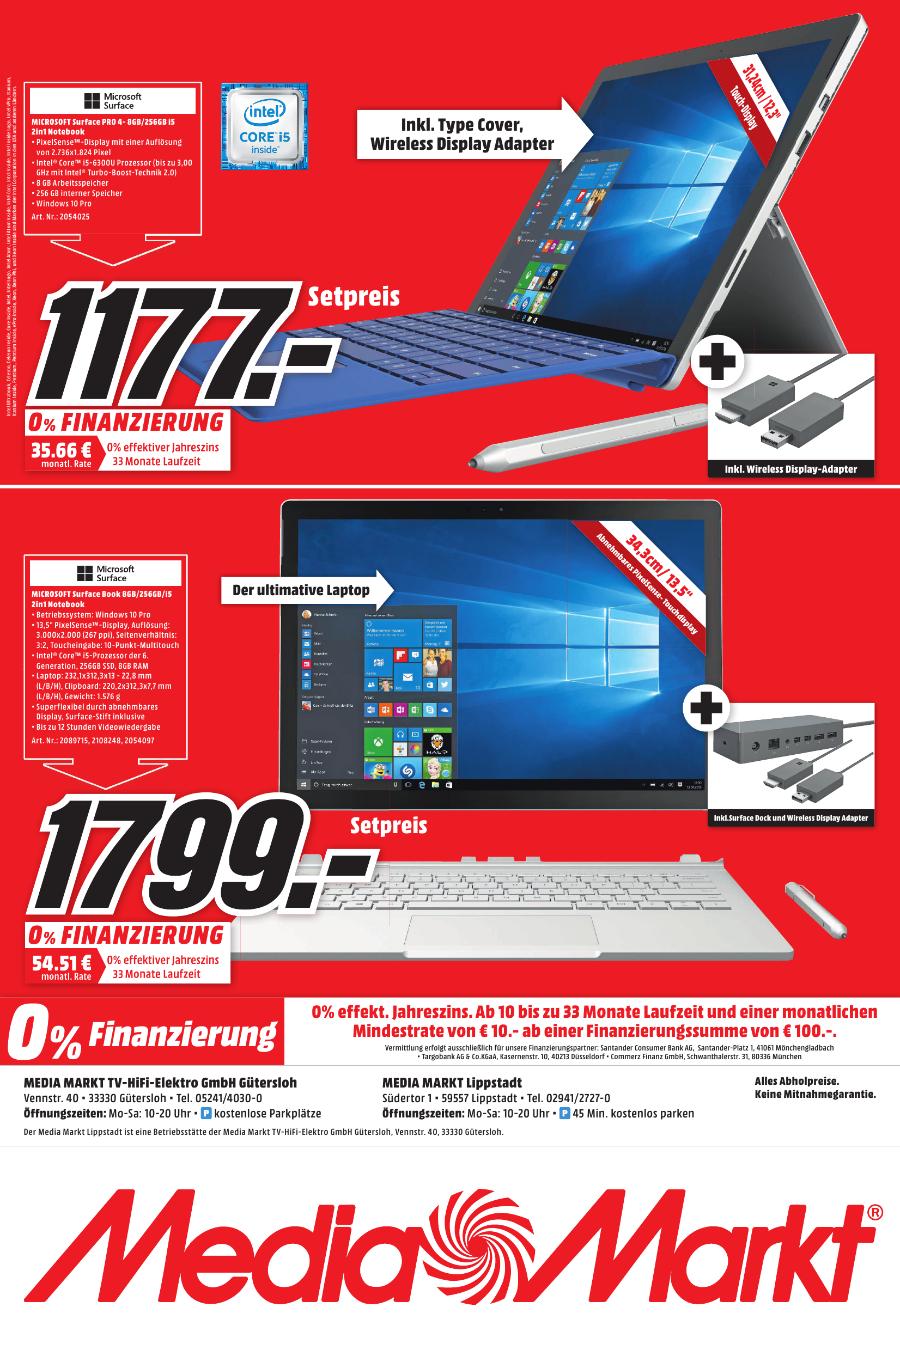 LOKAL Surface Pro 4 mit i5 Prozessor, 8 GB RAM und 256 GB SSD inklusive Typ Cover und Wireless Display Adapter Aktion zum Hammer Preis im Media Markt Gütersloh